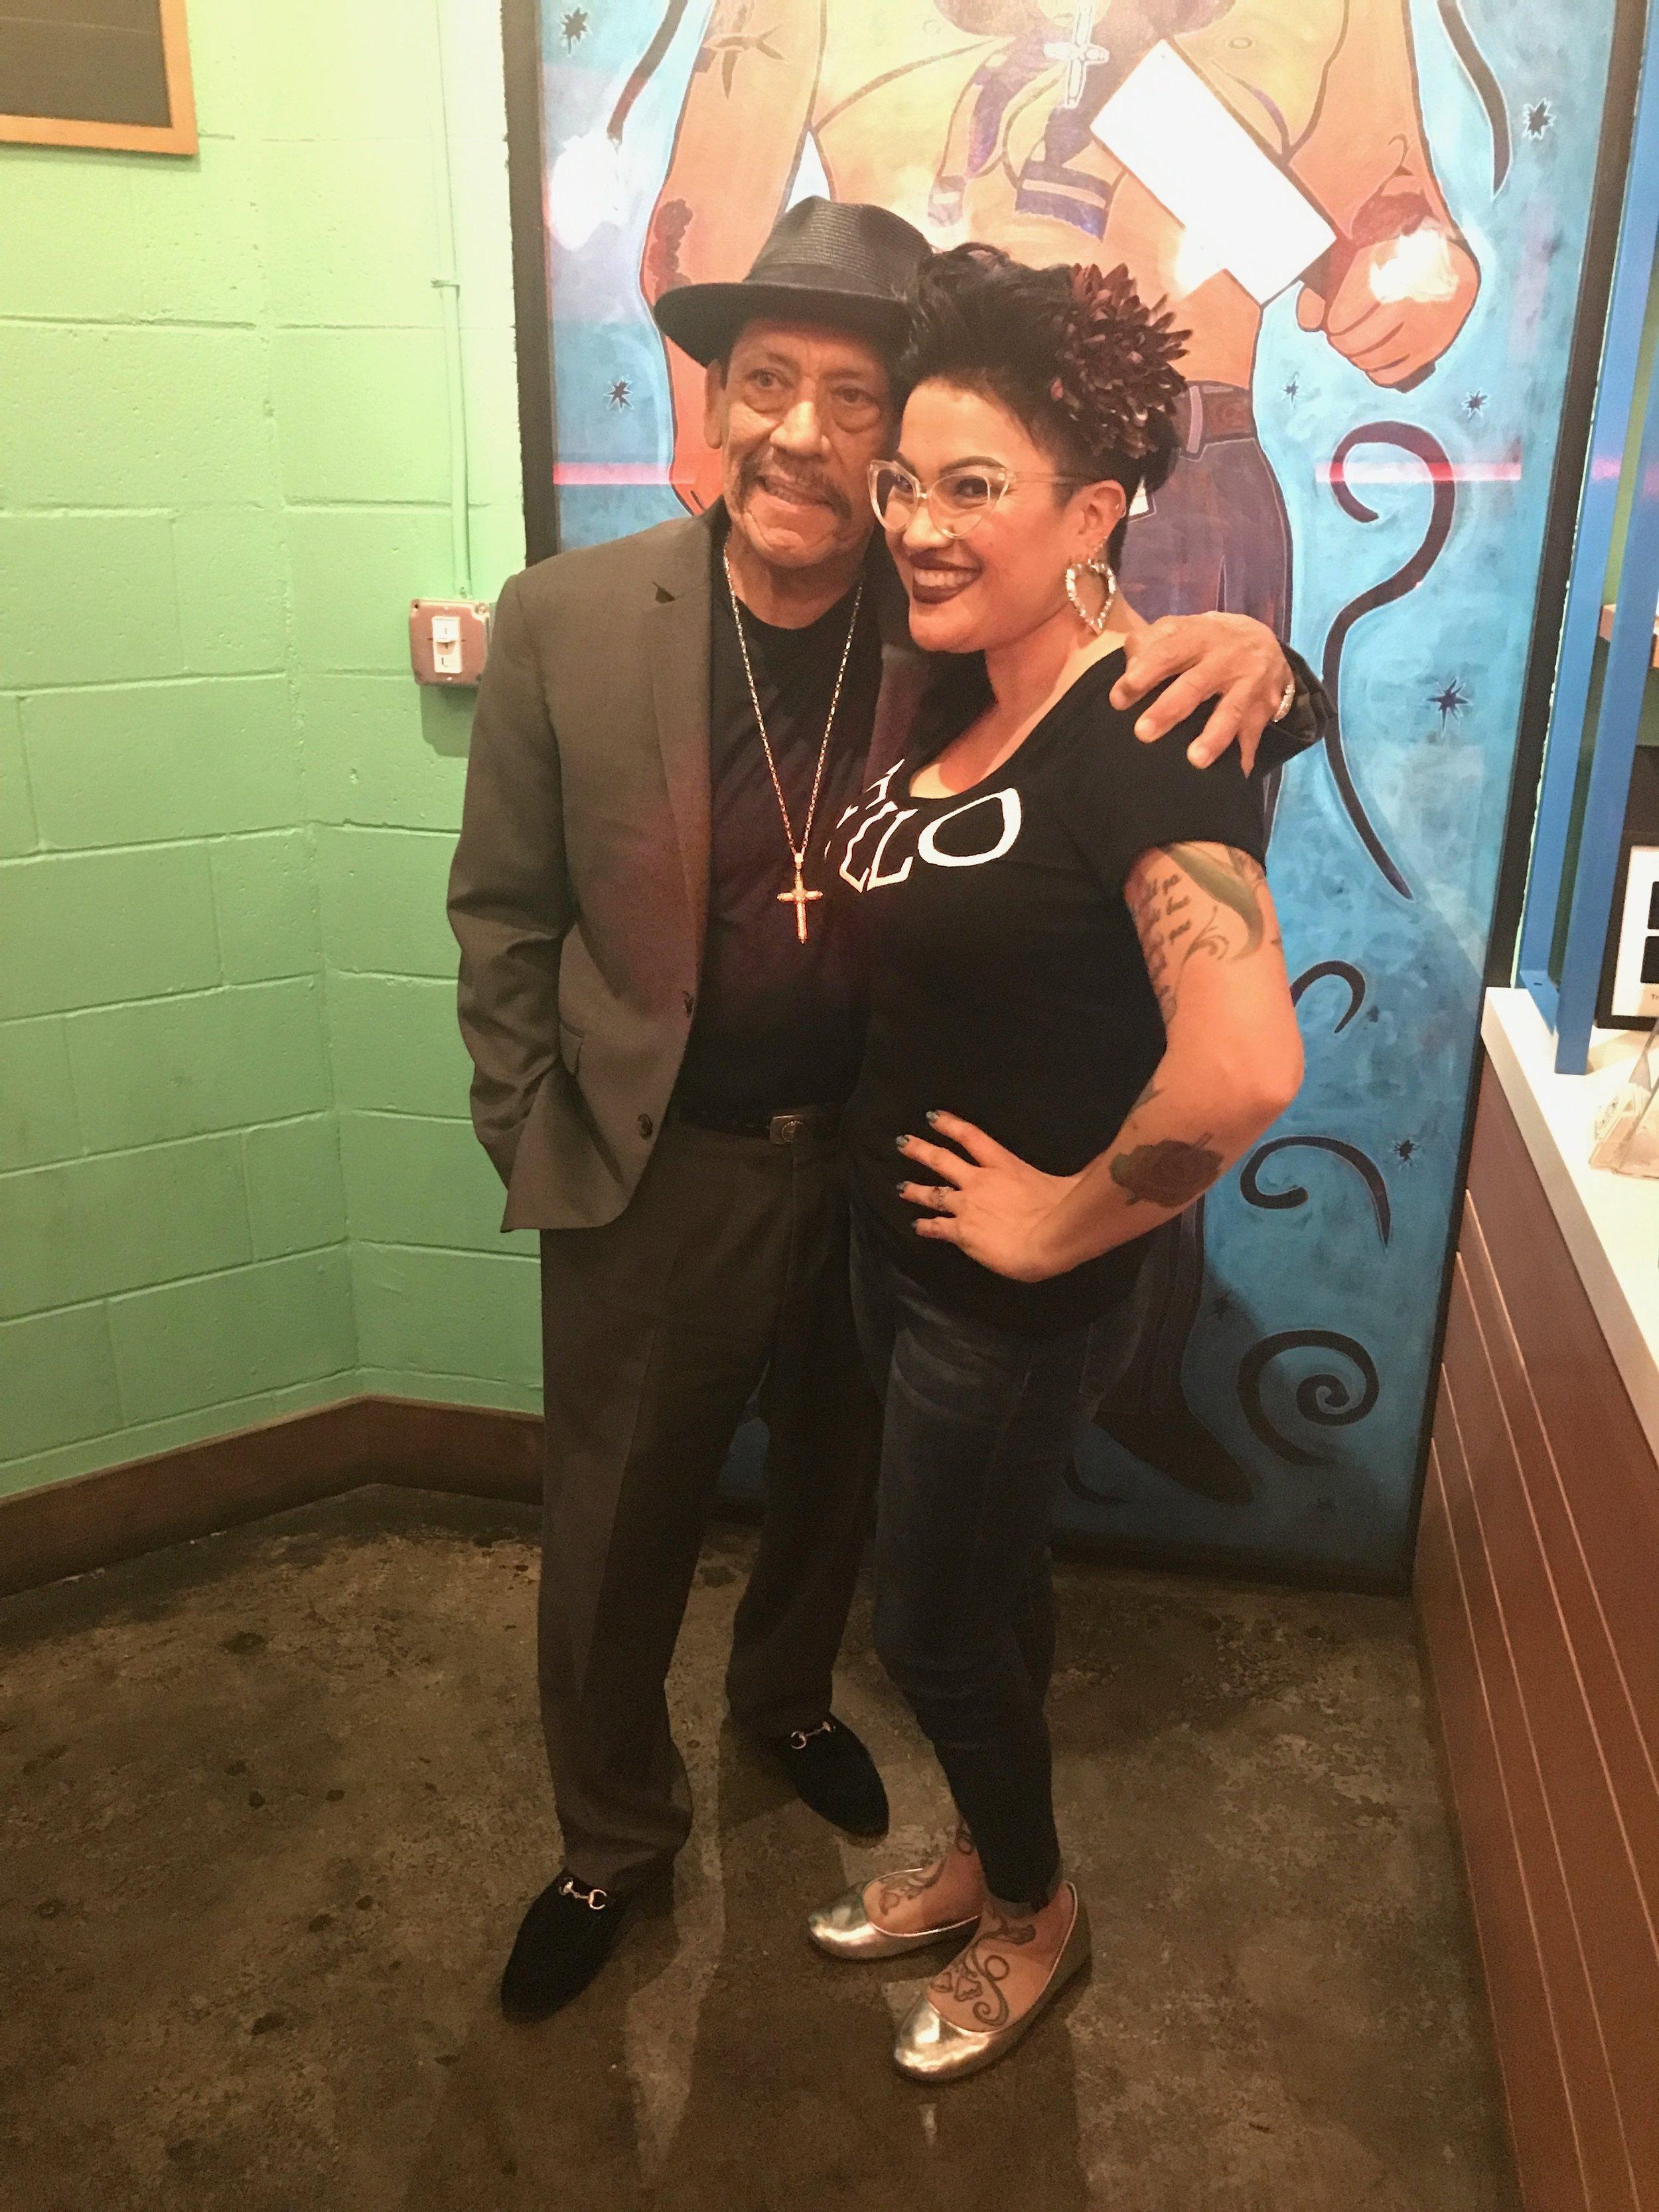 Charlene and Danny Trejo at Trejo's Cantina